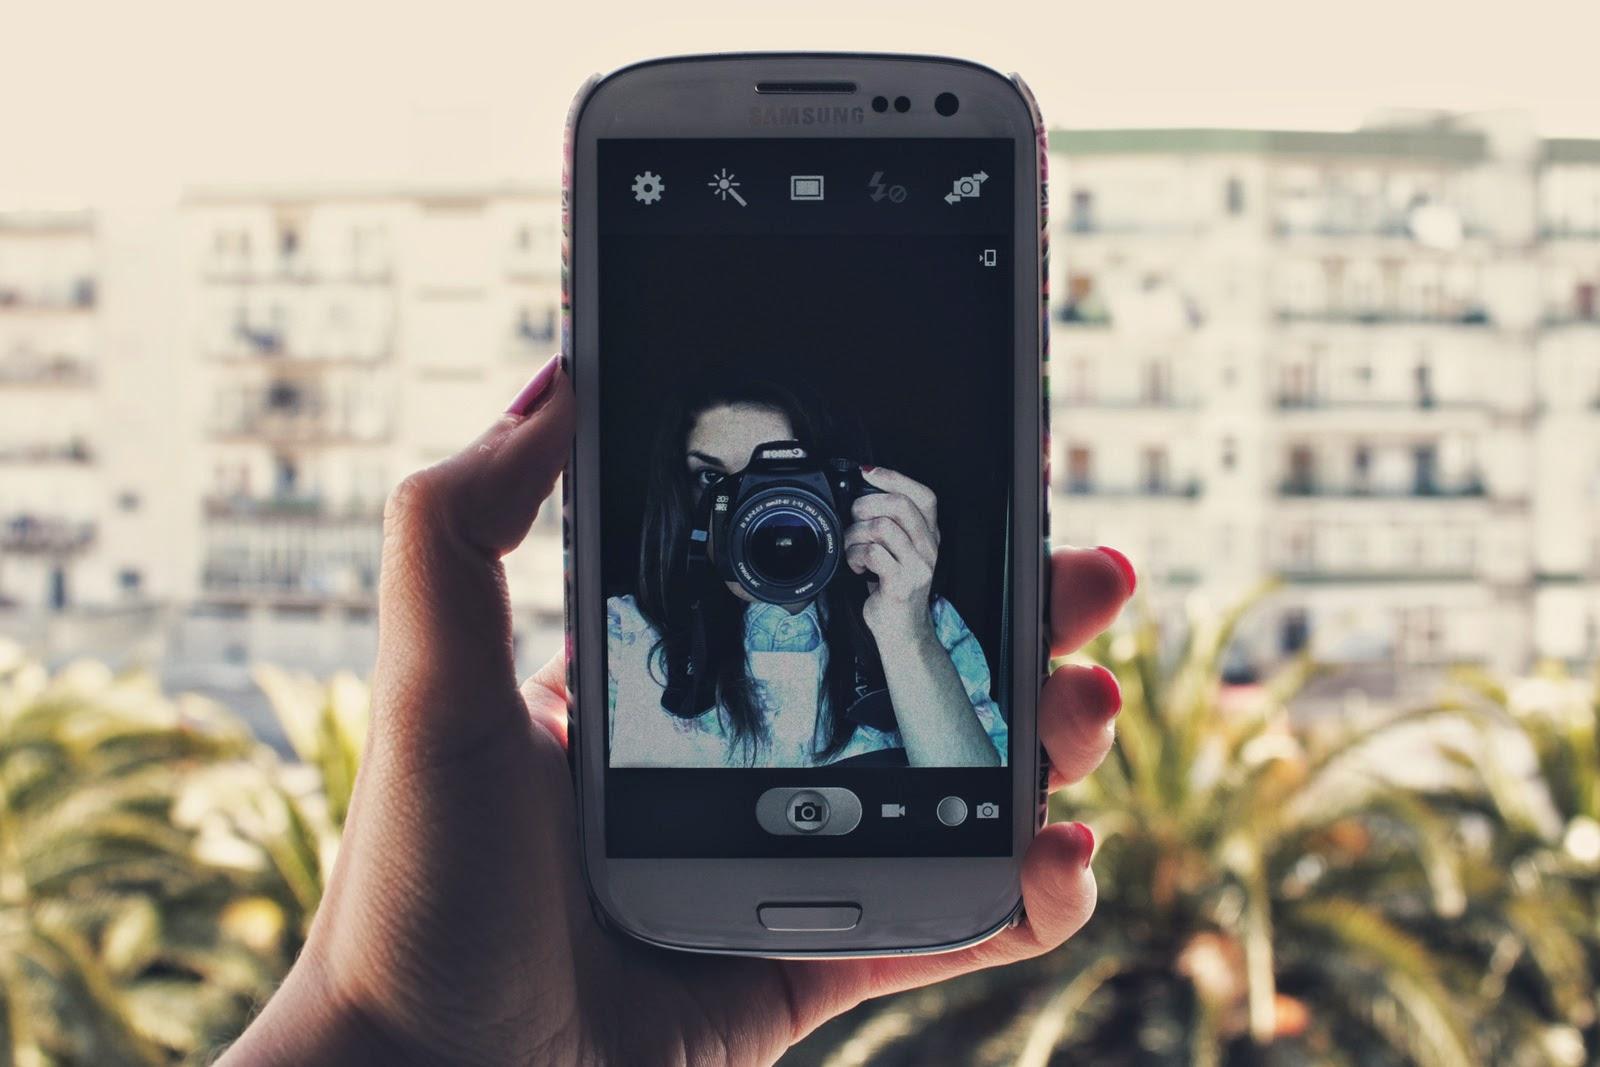 Mejora tus fotografias que tomas con el telefono movil 1